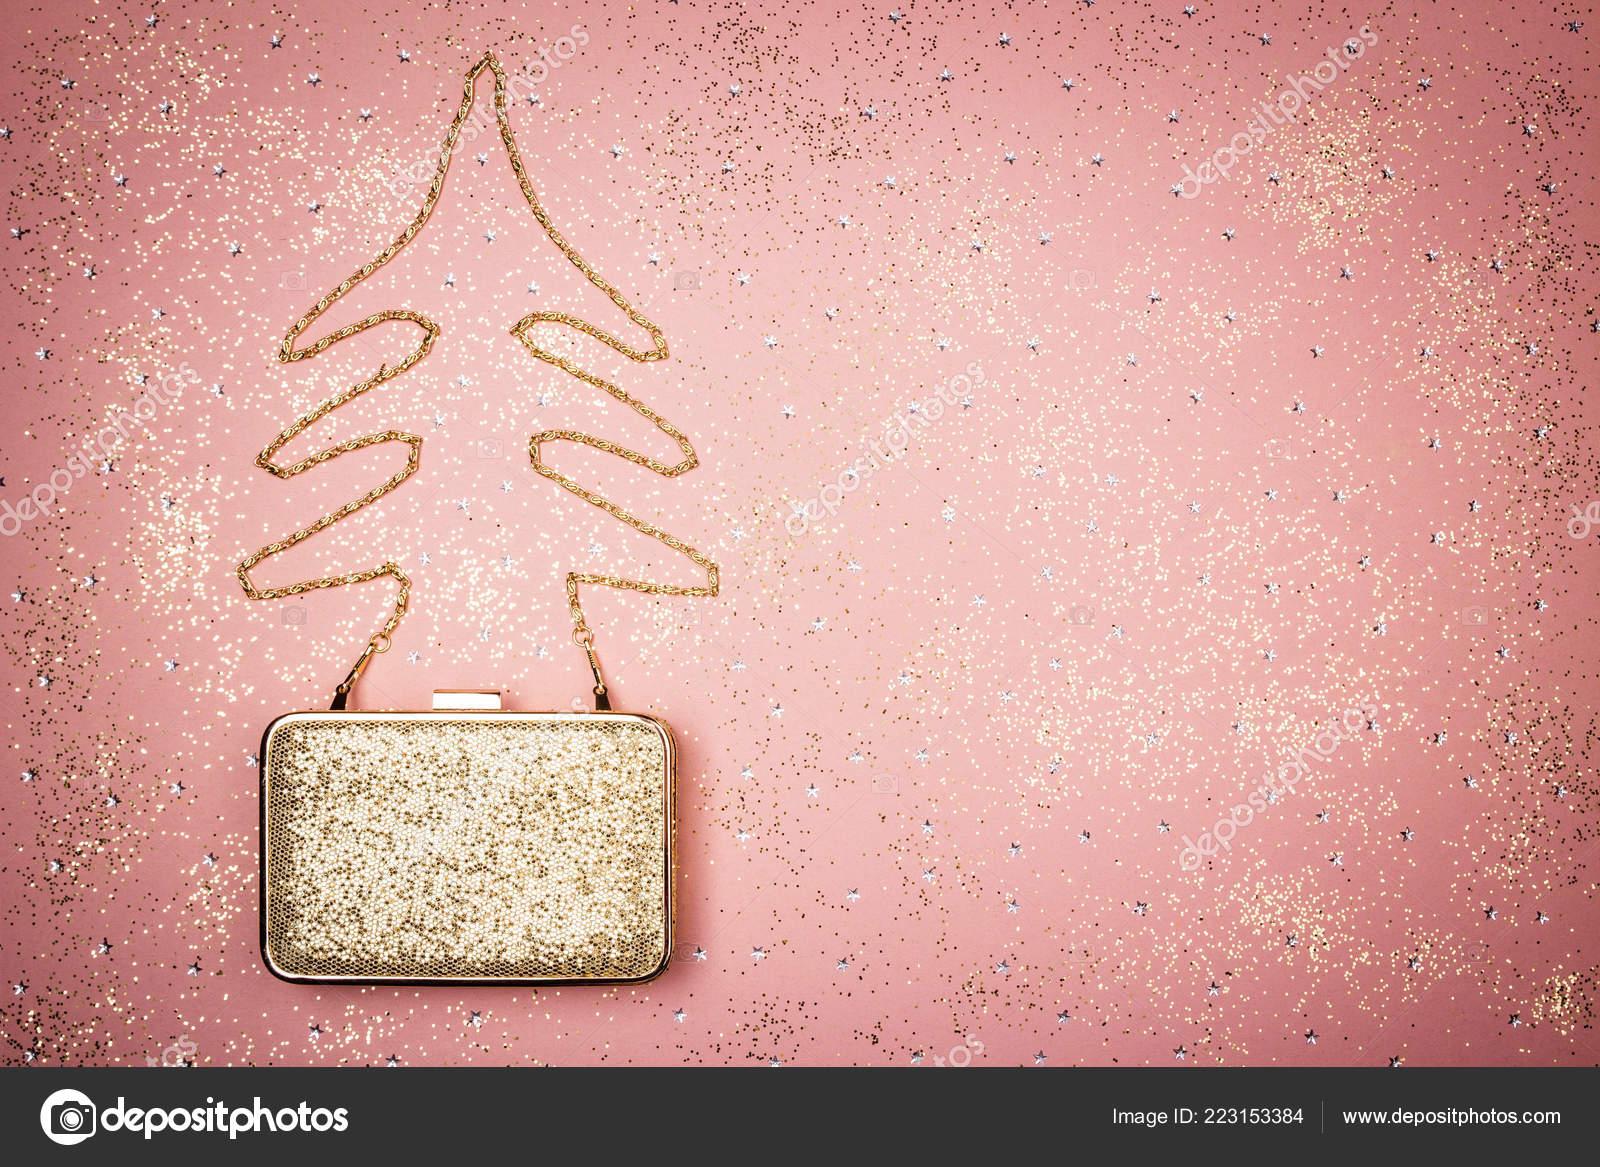 Arredamento Moda Glitter Albero Natale Fatto Una Catena Borsa Dorata